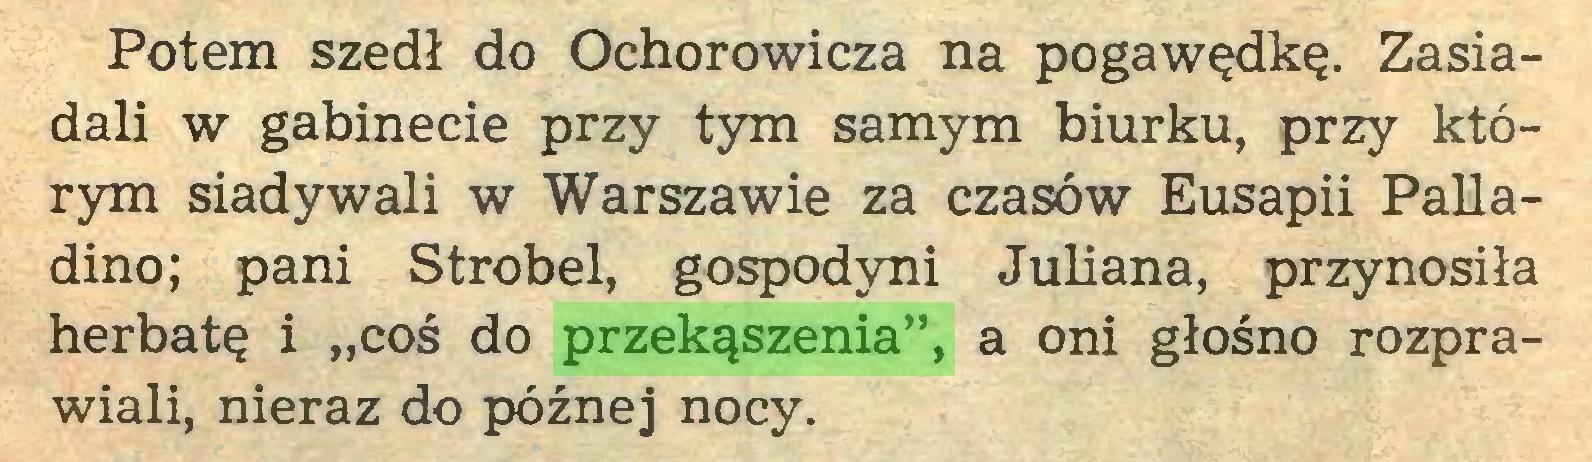 """(...) Potem szedł do Ochorowicza na pogawędkę. Zasiadali w gabinecie przy tym samym biurku, przy którym siadywali w Warszawie za czasów Eusapii Palladino; pani Strobel, gospodyni Juliana, przynosiła herbatę i """"coś do przekąszenia"""", a oni głośno rozprawiali, nieraz do późnej nocy..."""